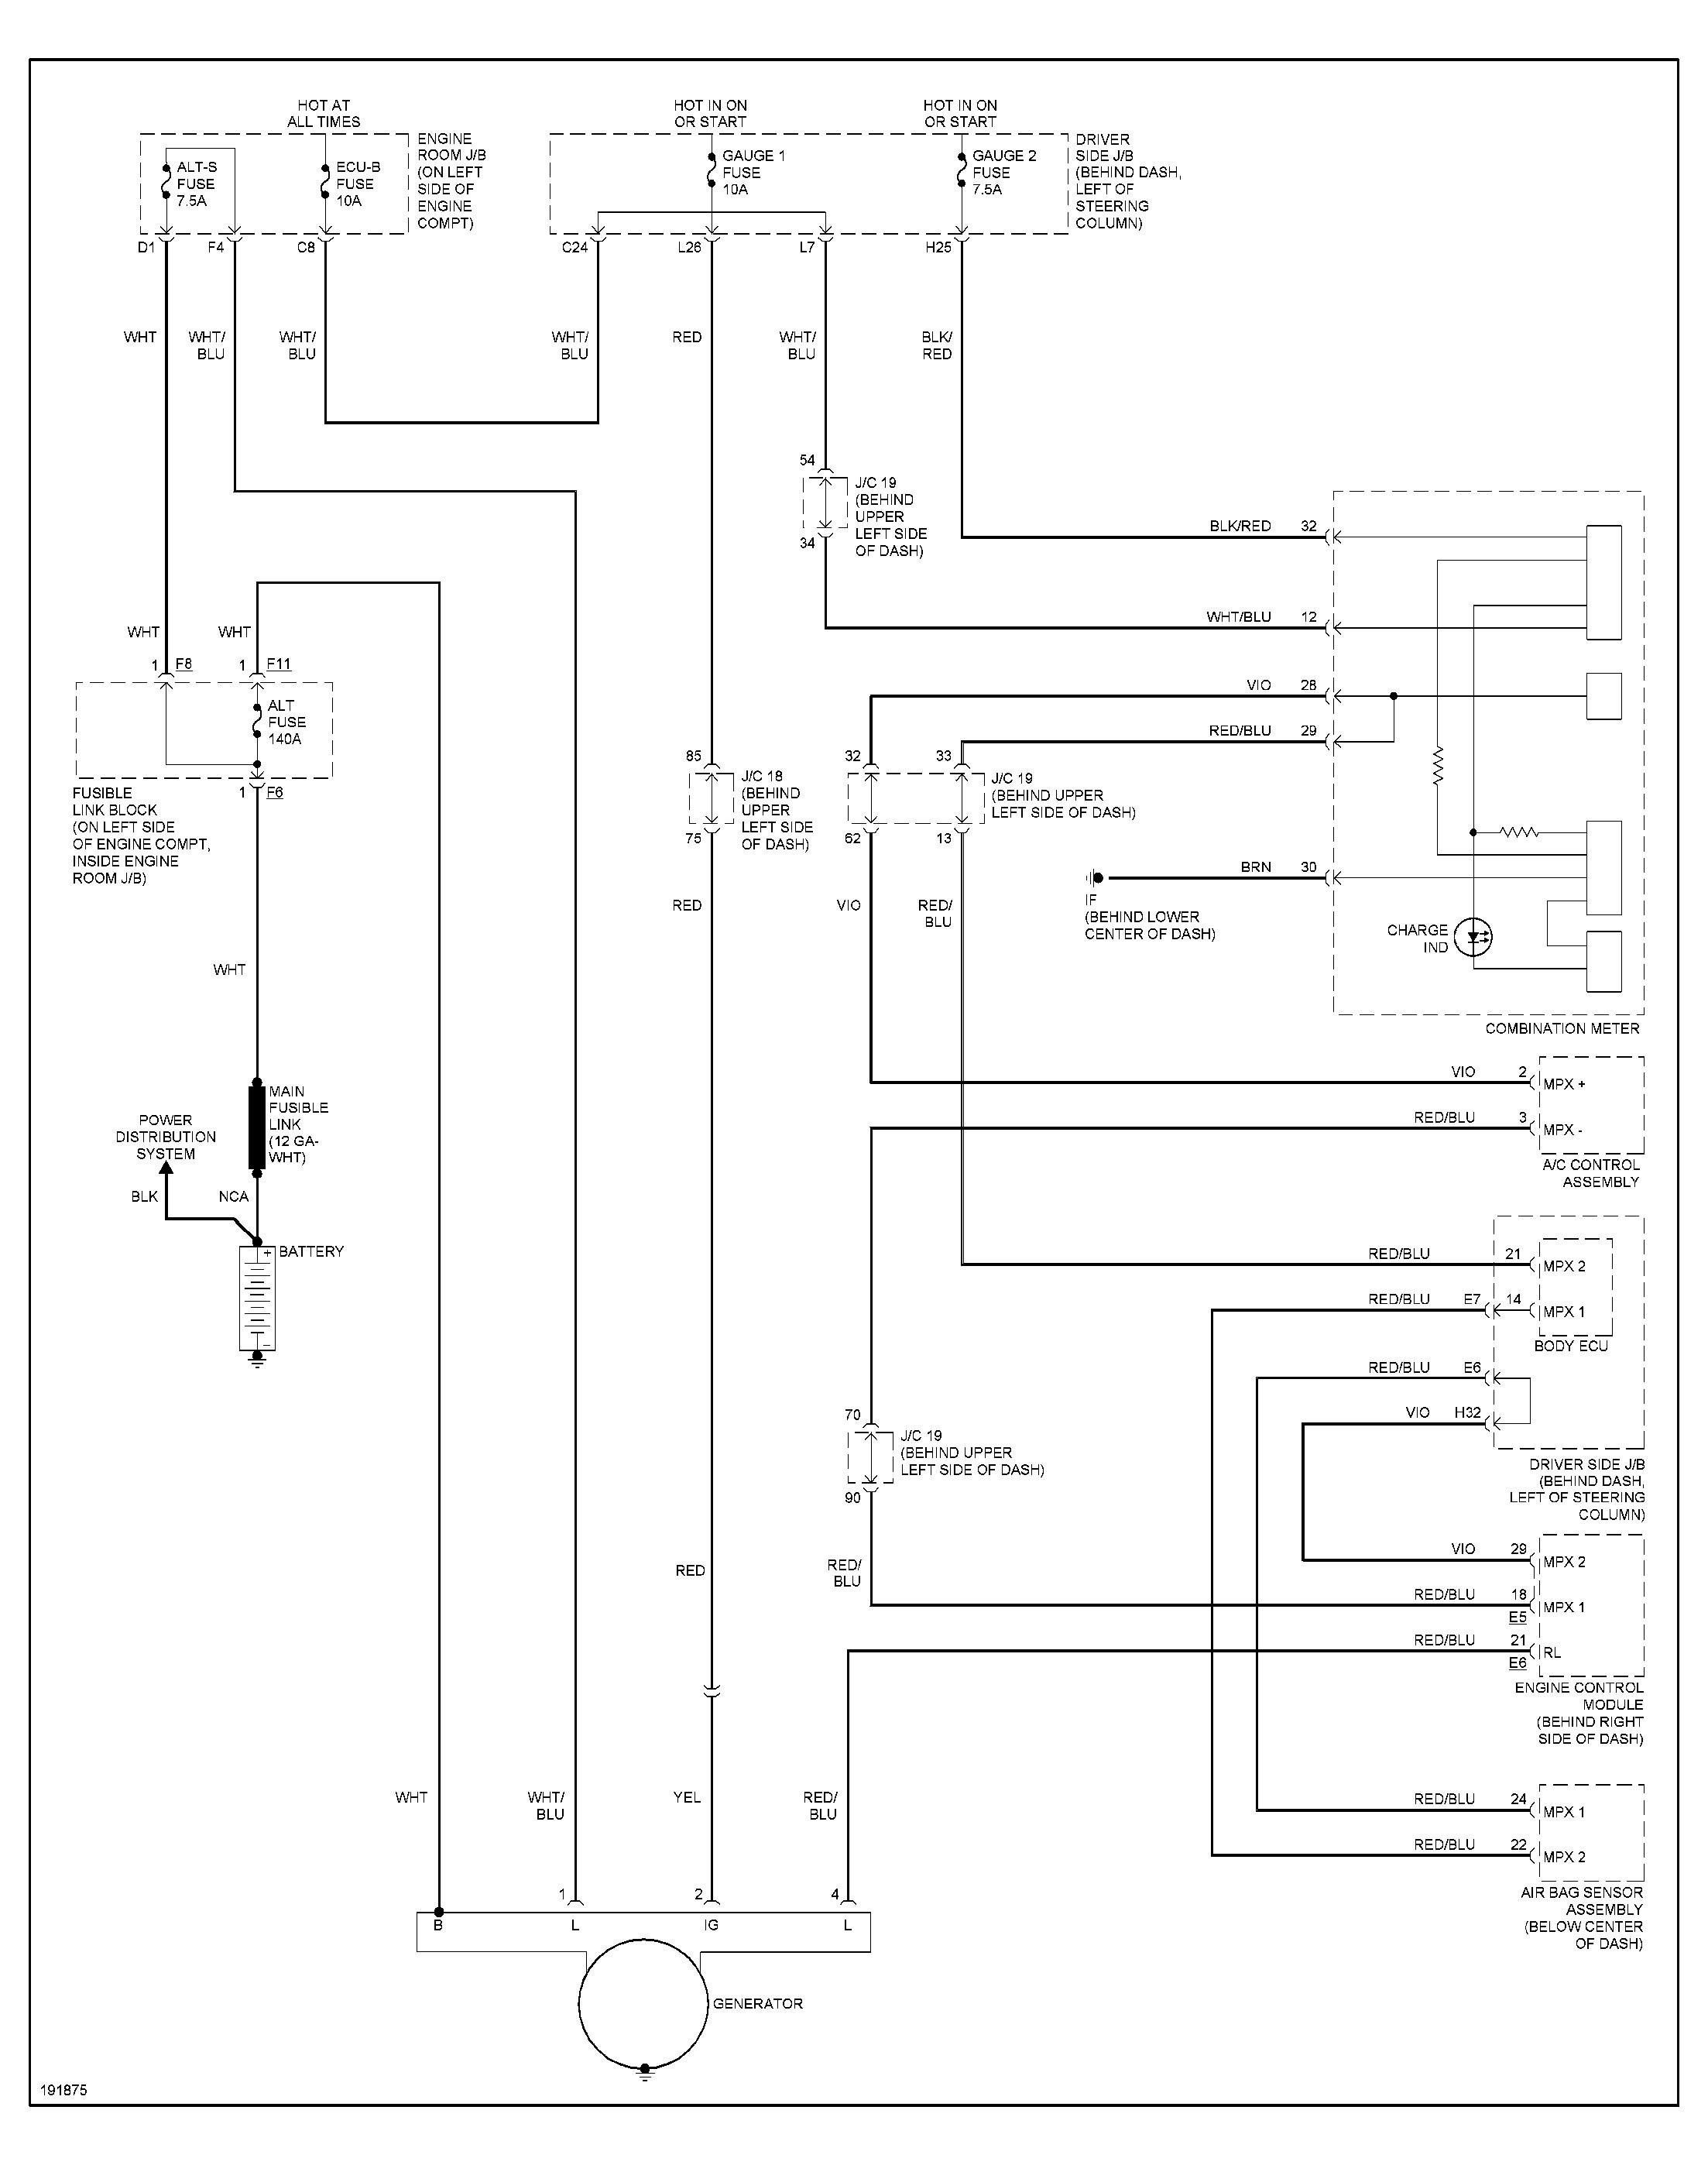 2002 toyota Sienna Engine Diagram Hot Ecu B Fuse toyota Sienna Release Date Of 2002 toyota Sienna Engine Diagram